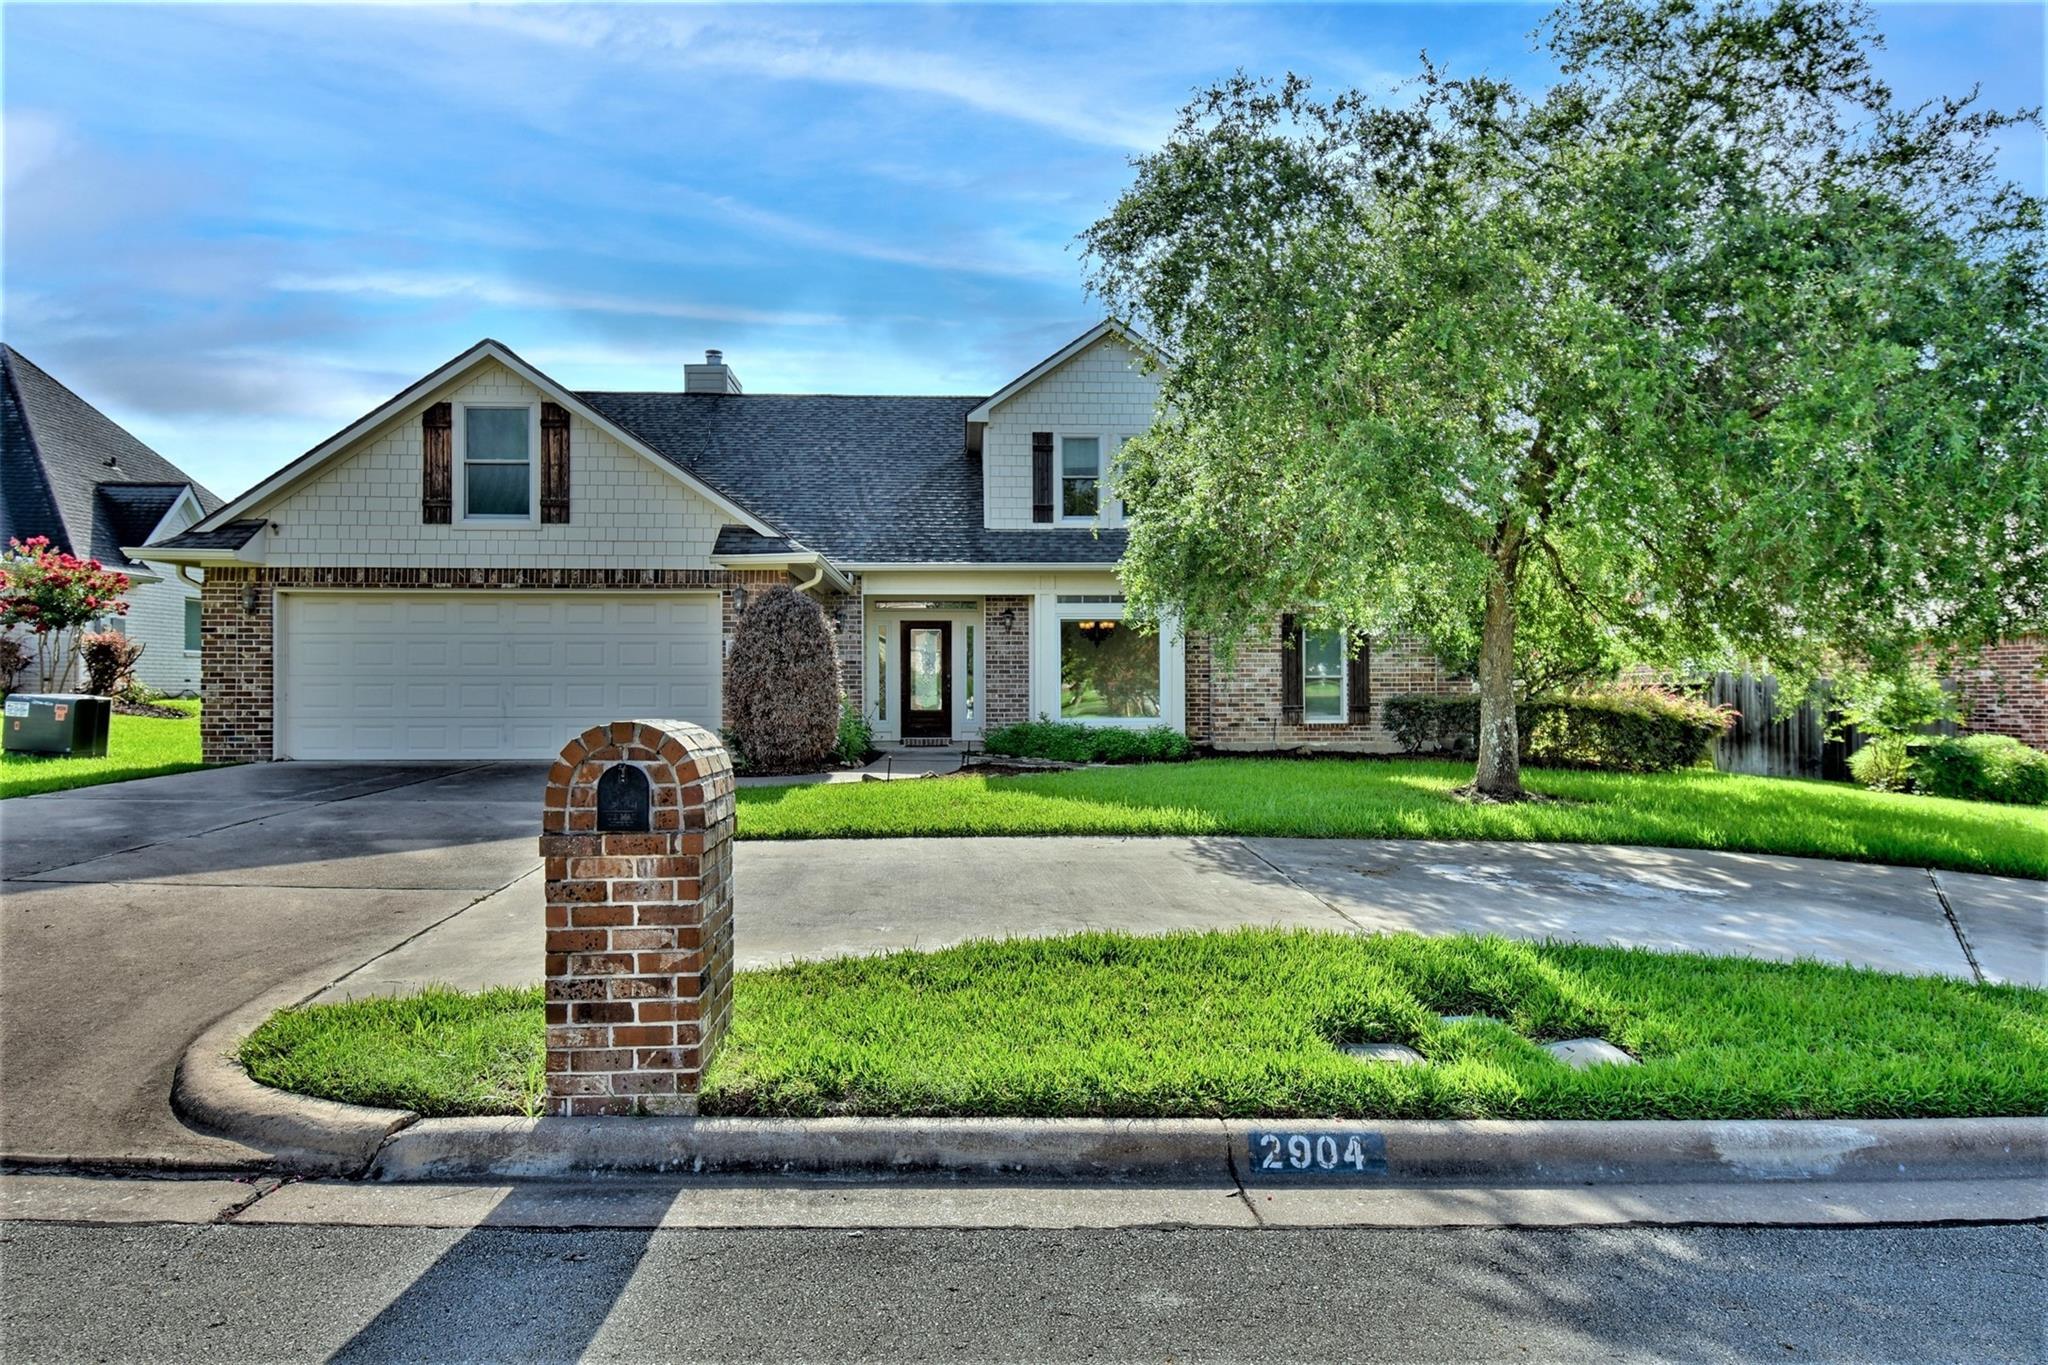 2904 Twisted Oak Drive Property Photo 1